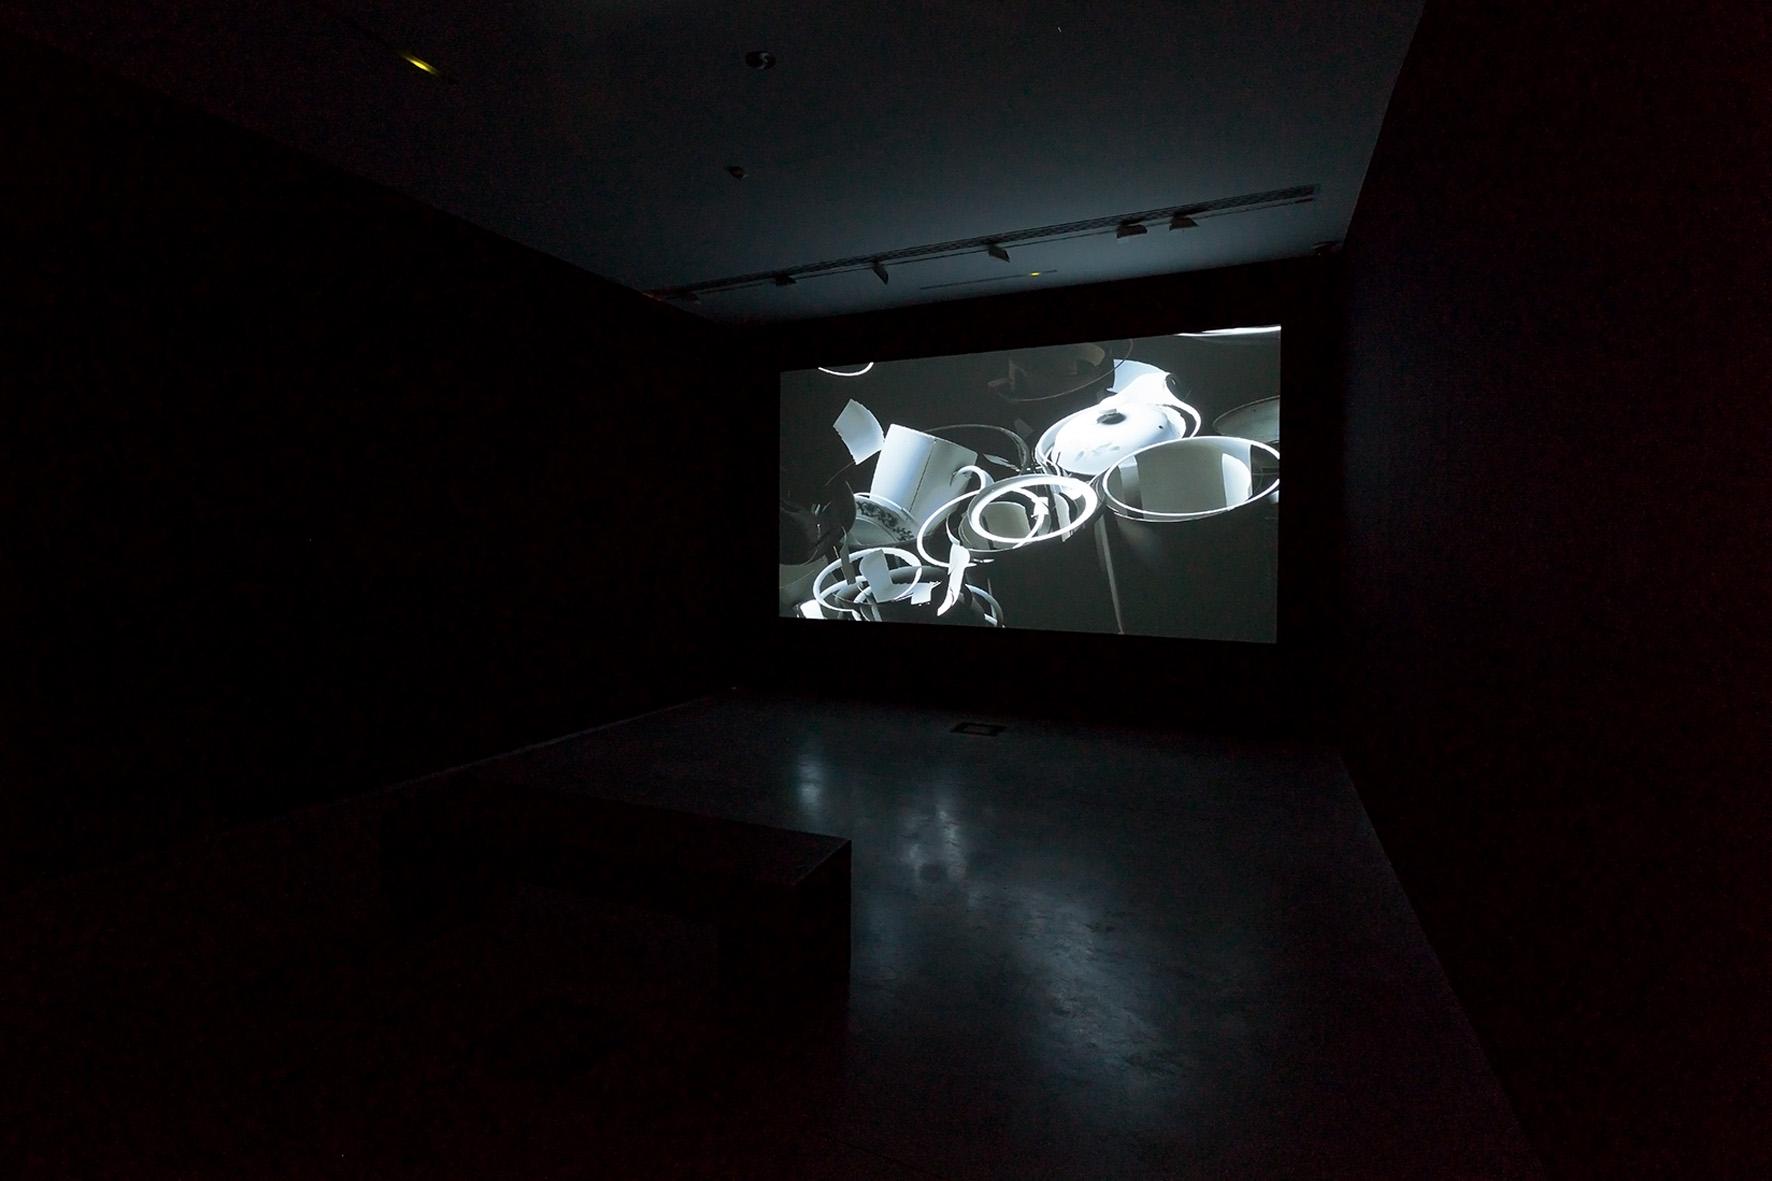 """Go Watanabe, """"jeden pejzaż"""", podróż, 2011, instalacja wideo, 21 min5 s, © Go Watanabe, dzięki uprzejmości ARATANIURANO"""